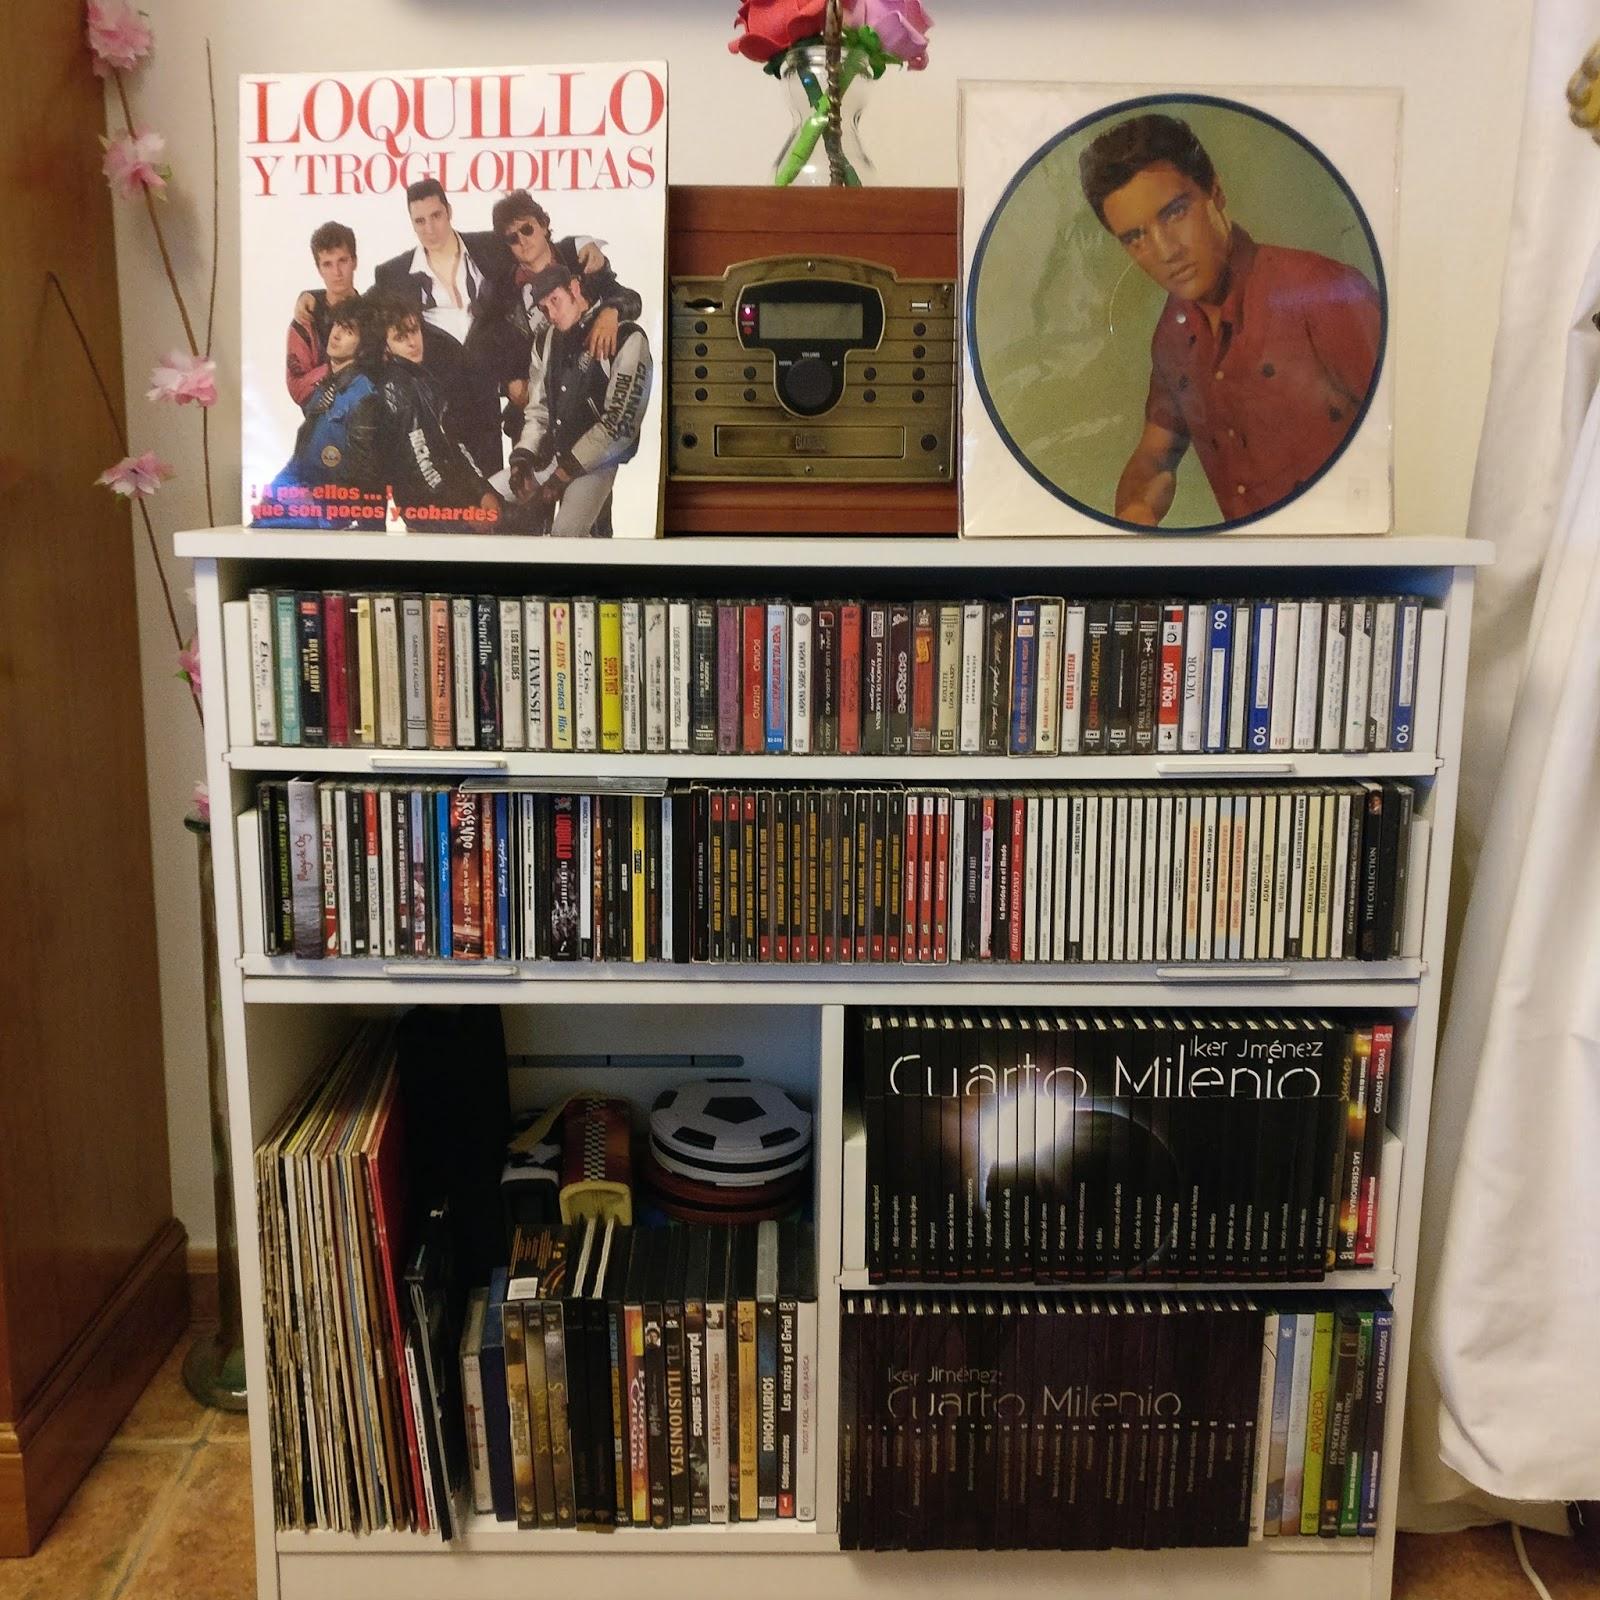 El rincon del mueble mueble para vinilos cd cassete y dvd for Vinilos para muebles de salon